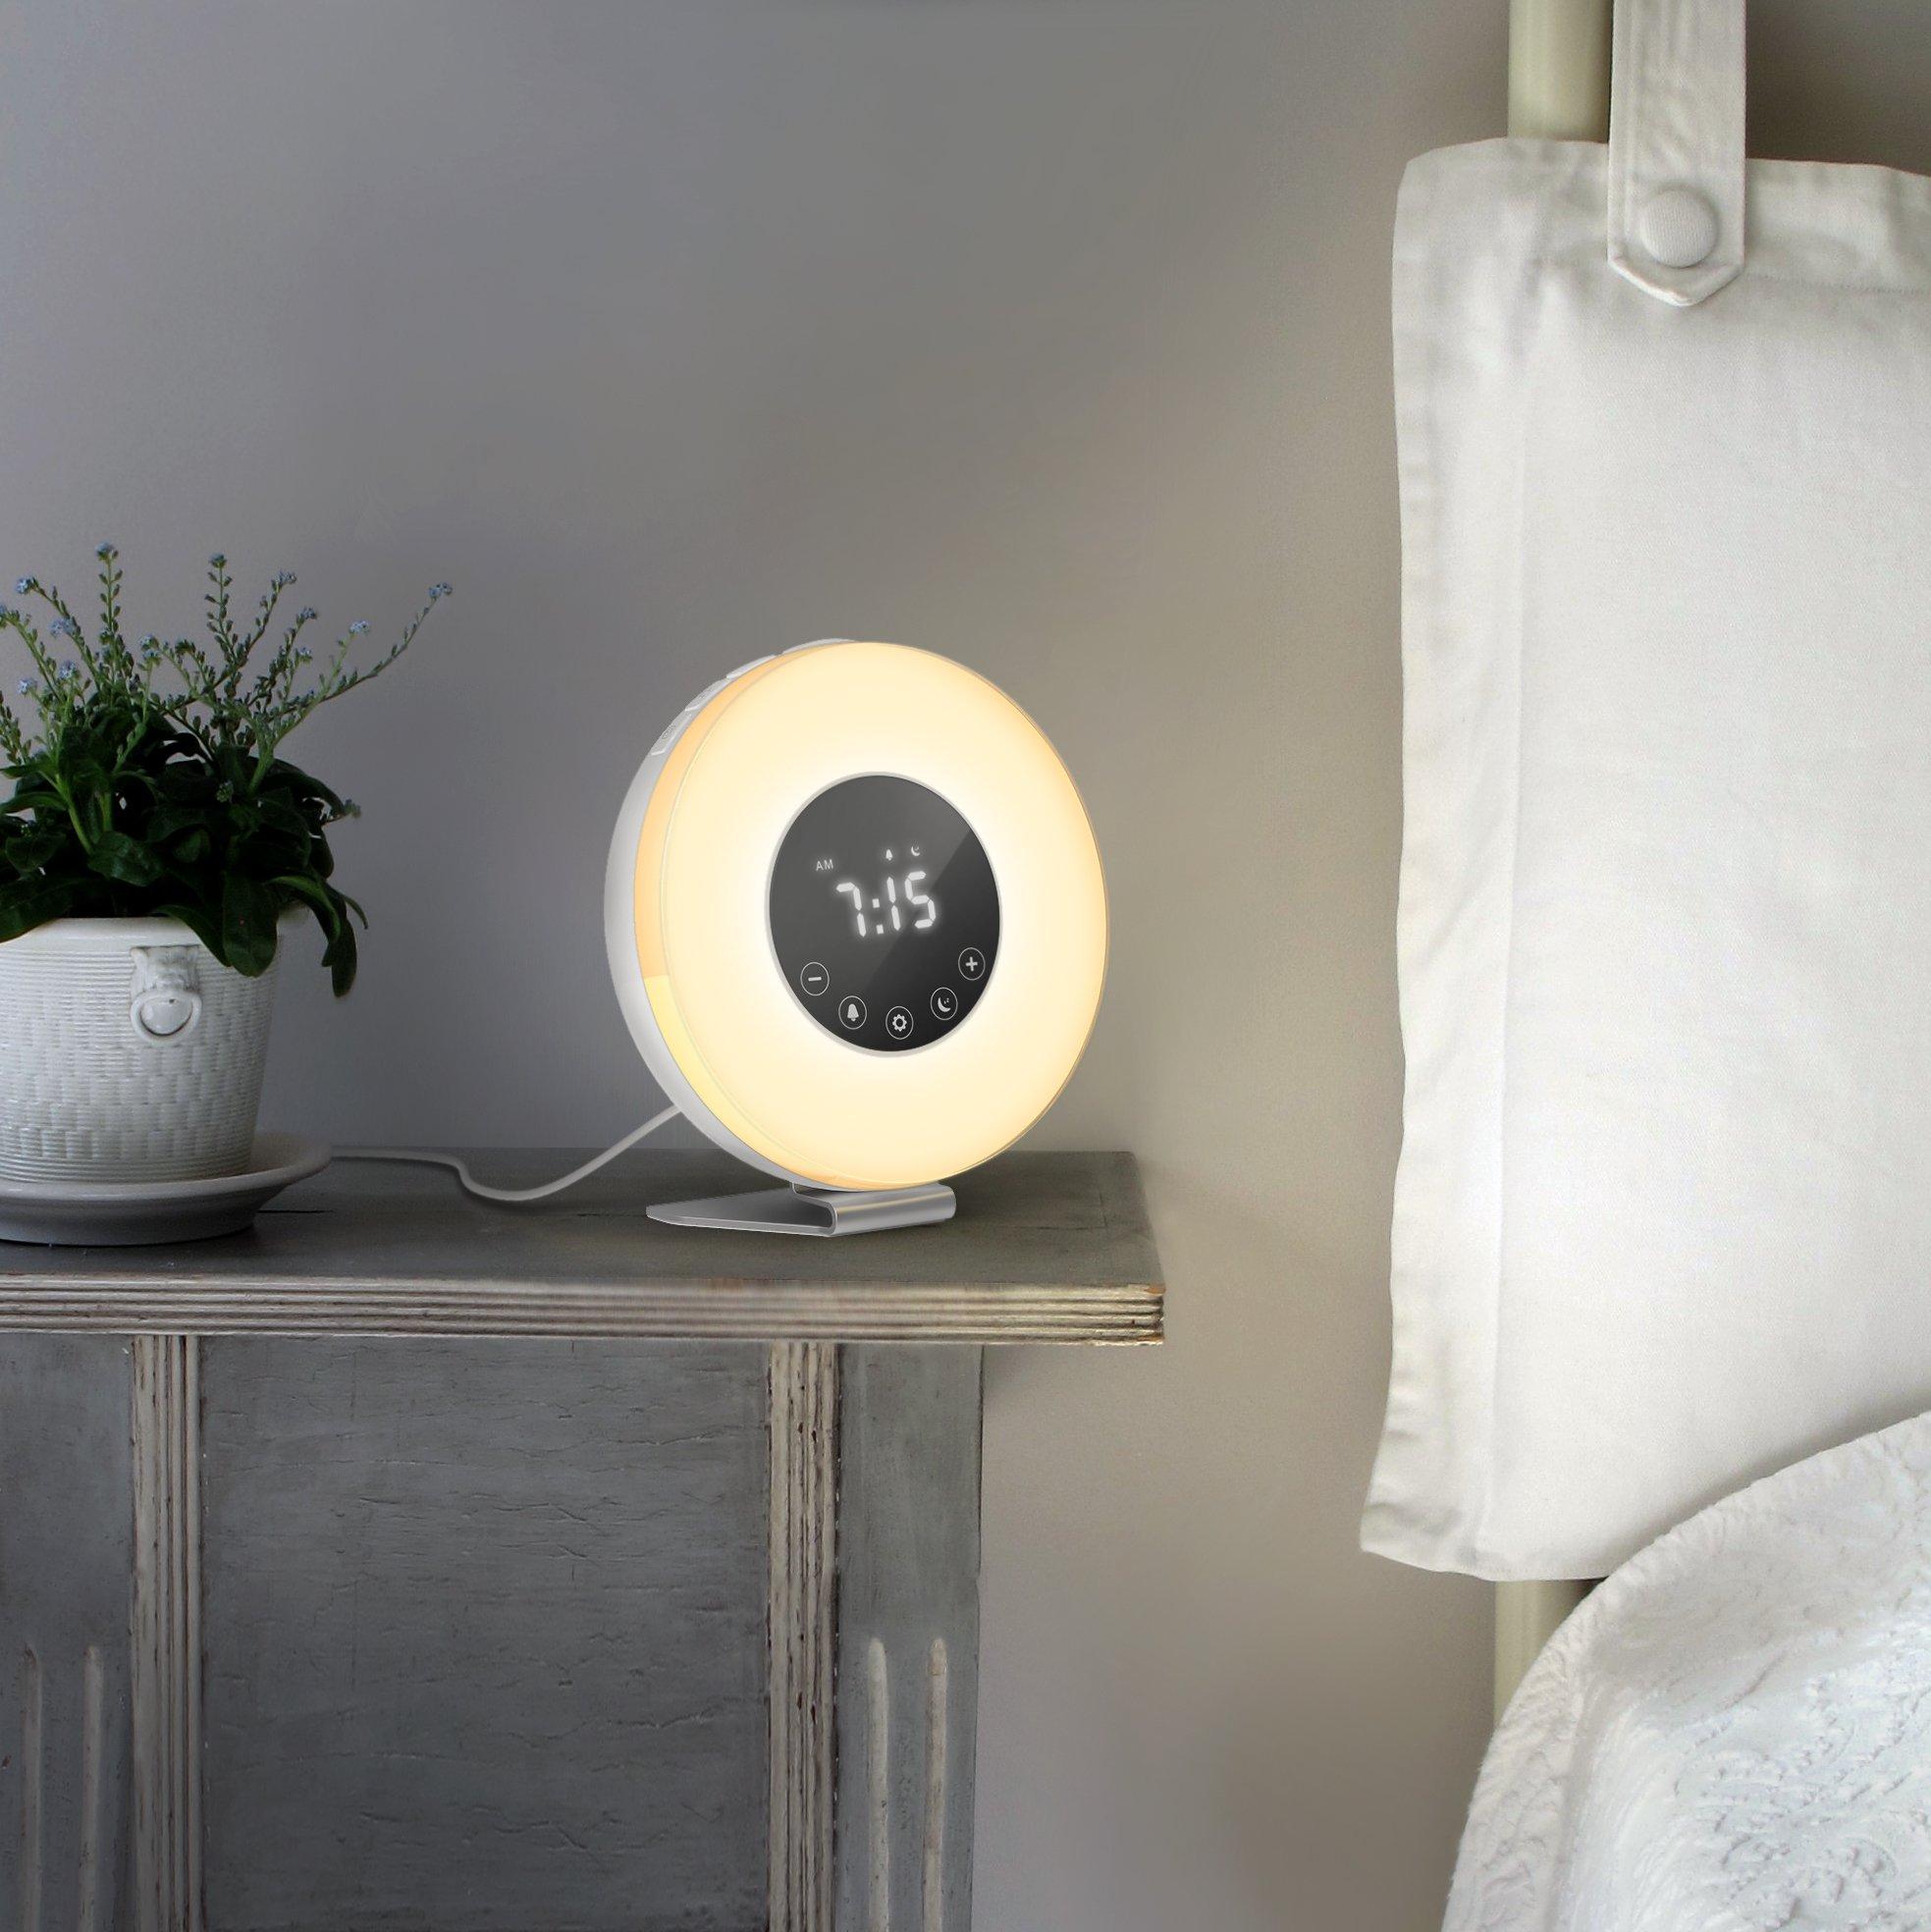 Buy Sunrise Alarm Clock Now!